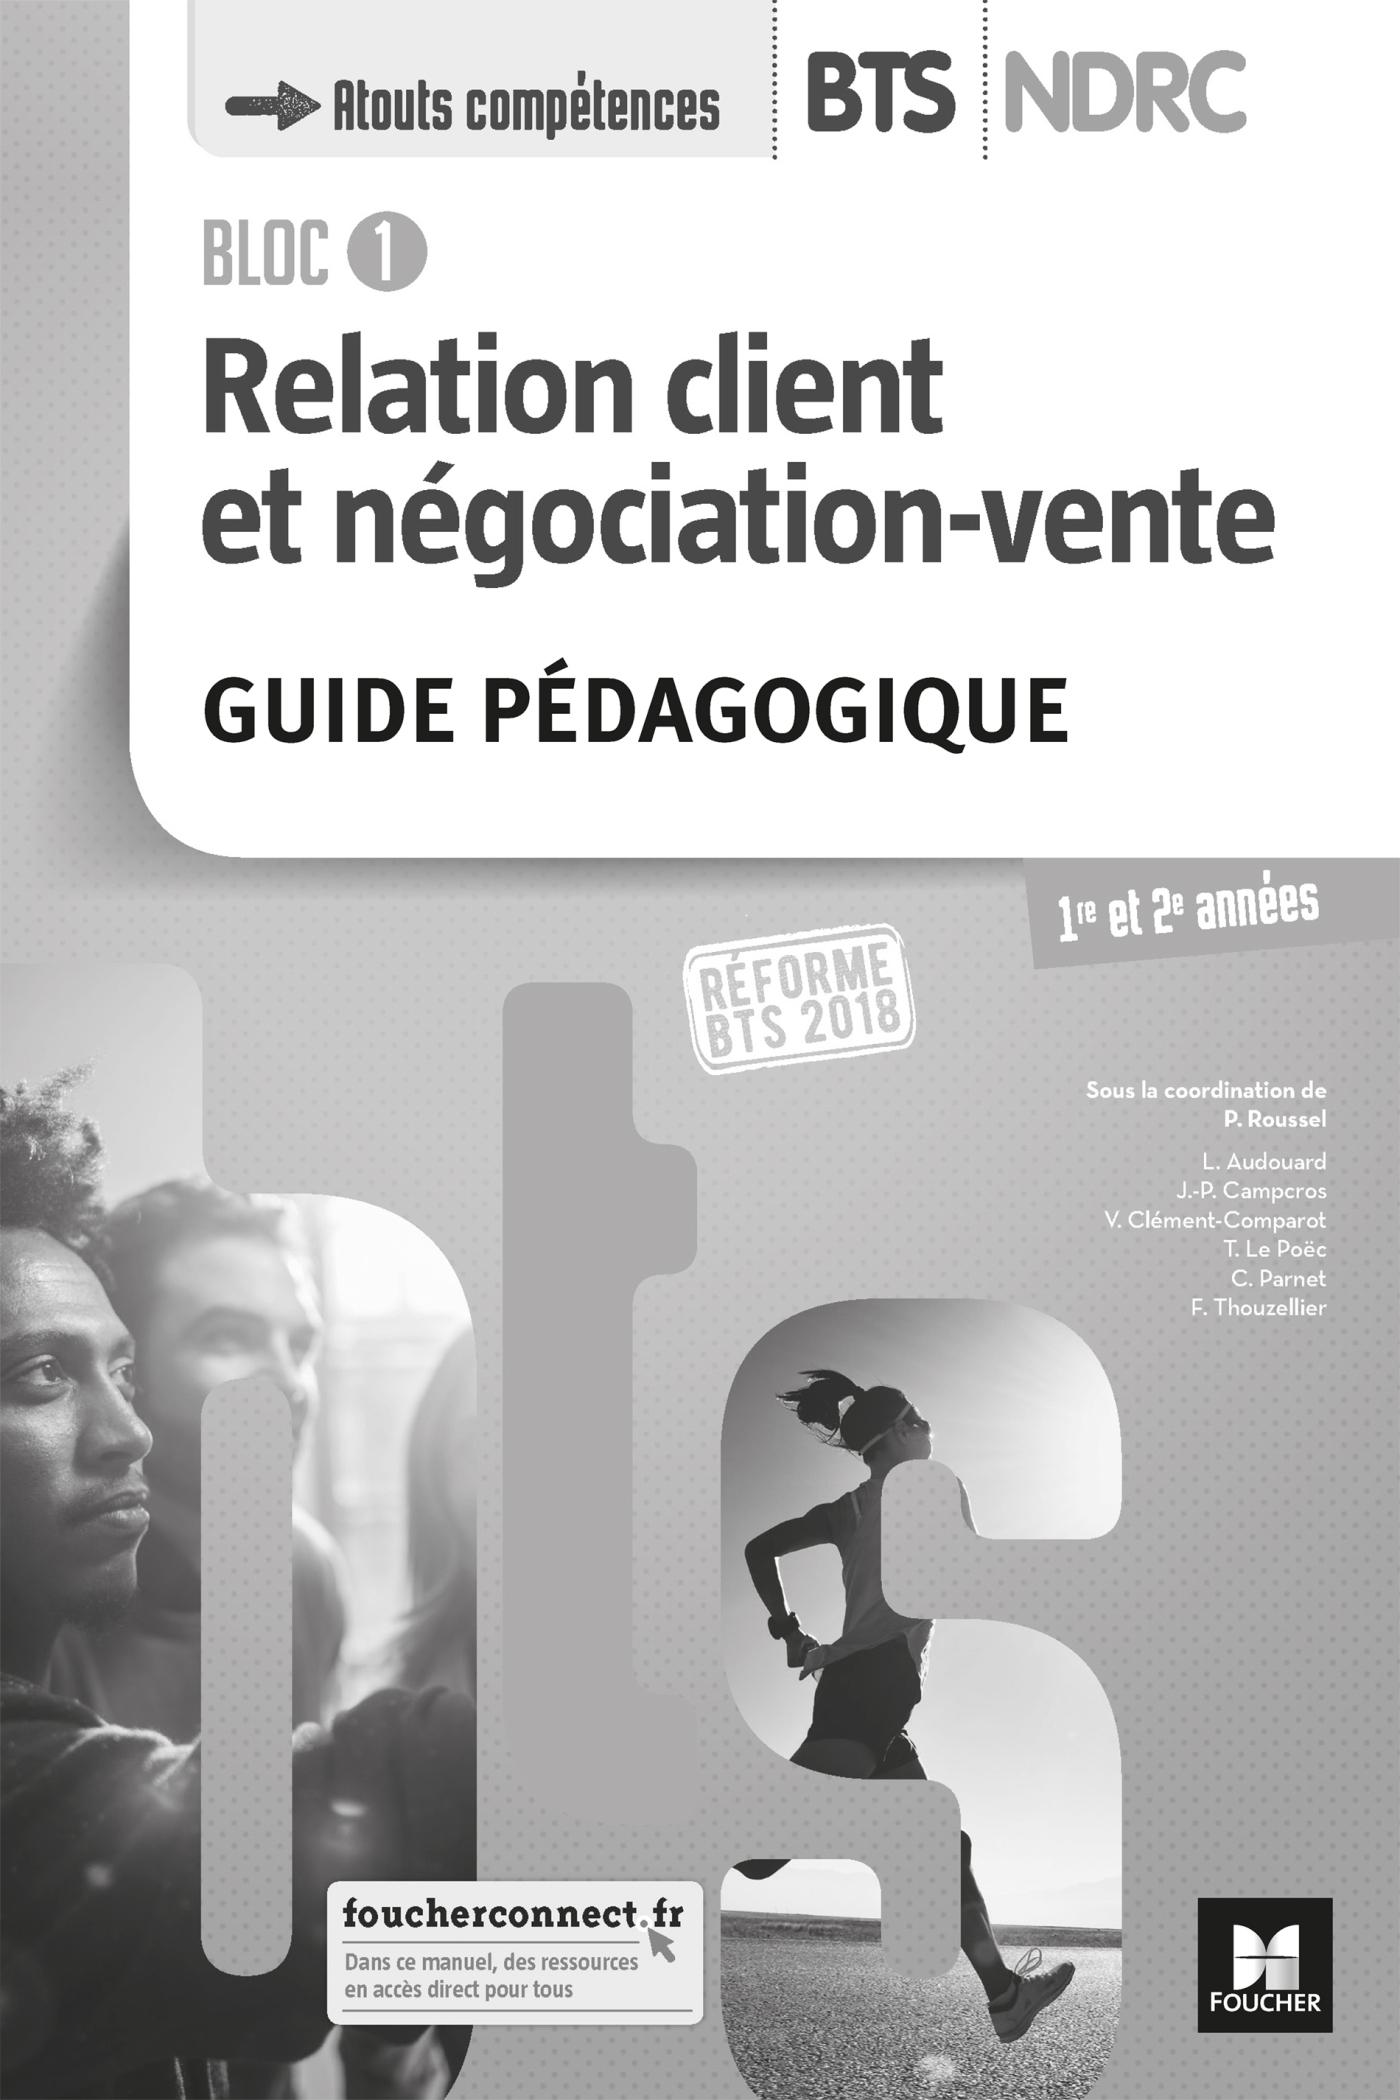 BLOC 1 RELATION CLIENT ET NEGOCIATION-VENTE - BTS NDRC 1&2 - ED 2018 - GP